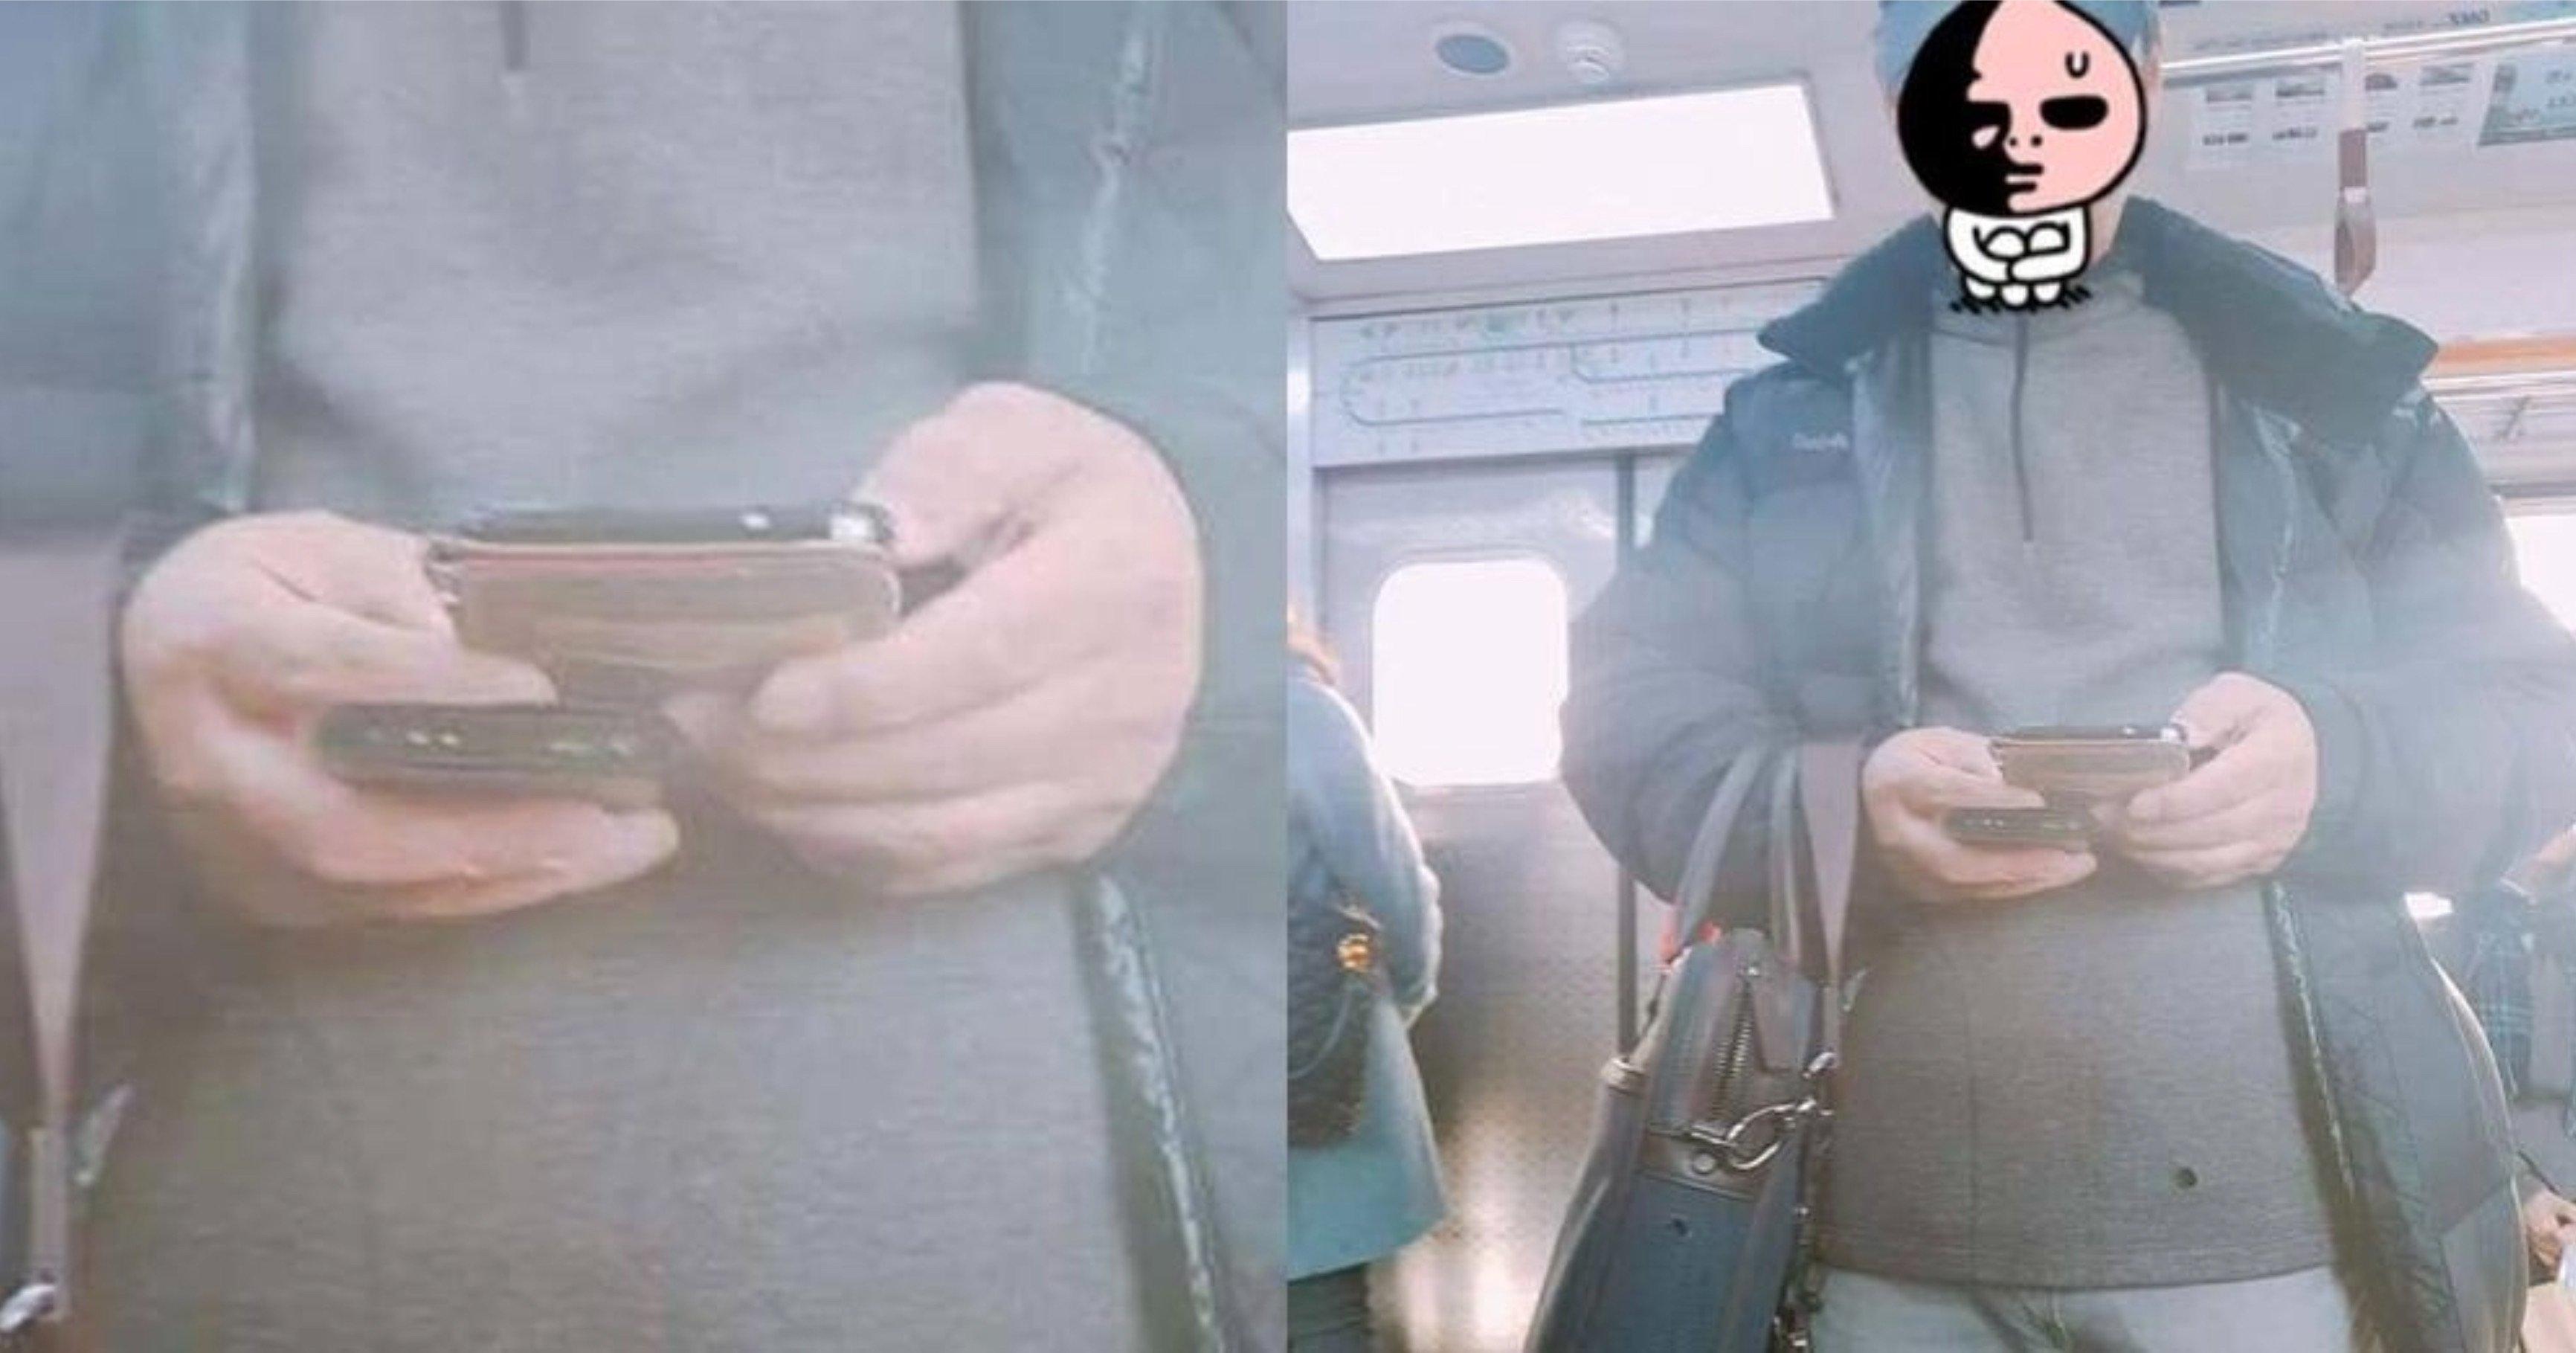 """90dd097c 4617 42e7 8109 44d1dff20d80.jpeg?resize=412,232 - """"지하철 몰카범 잡았는데, 경찰이 저보고 범인과 같이 내려서 기다리라고 하네요"""""""